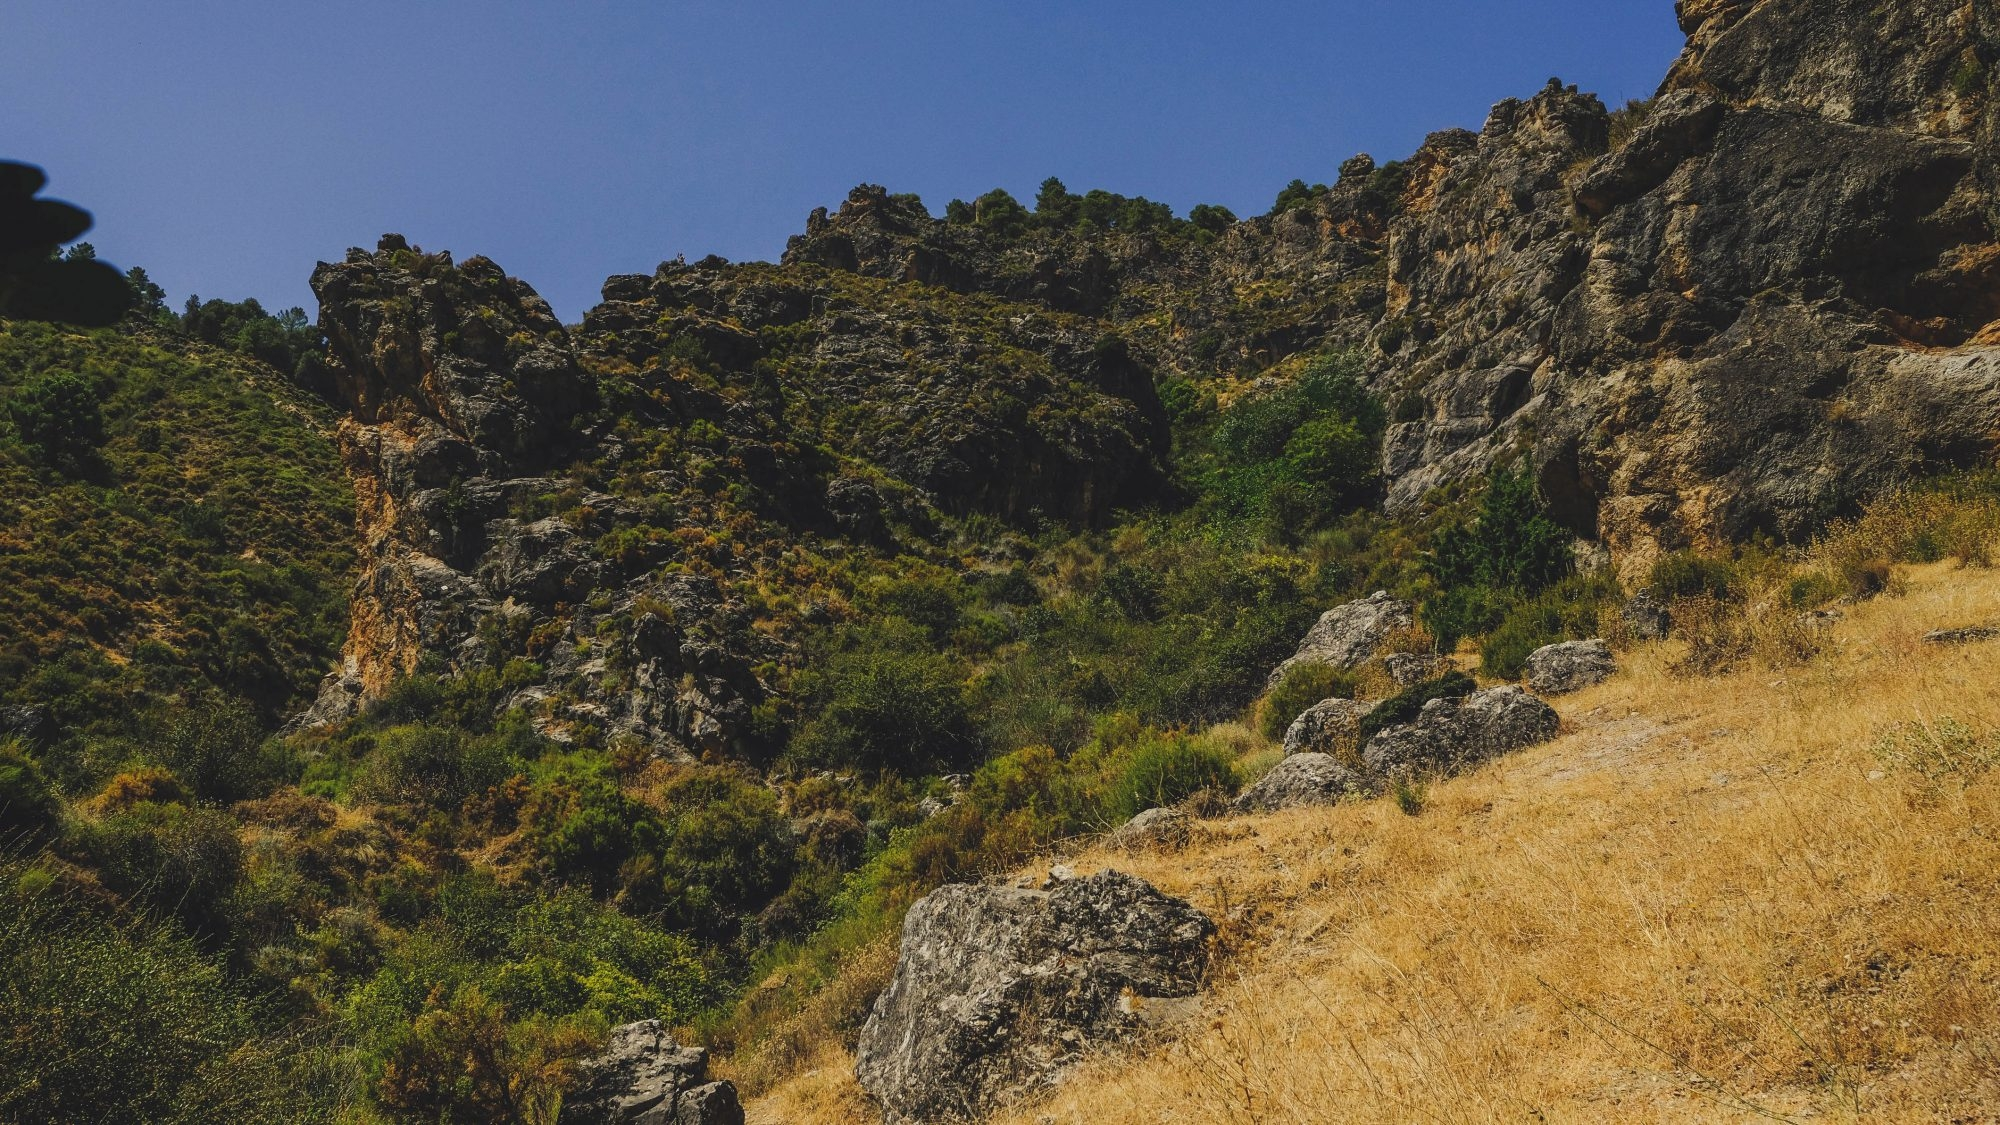 Sierra Nevada - Los Cahorros de Monachil